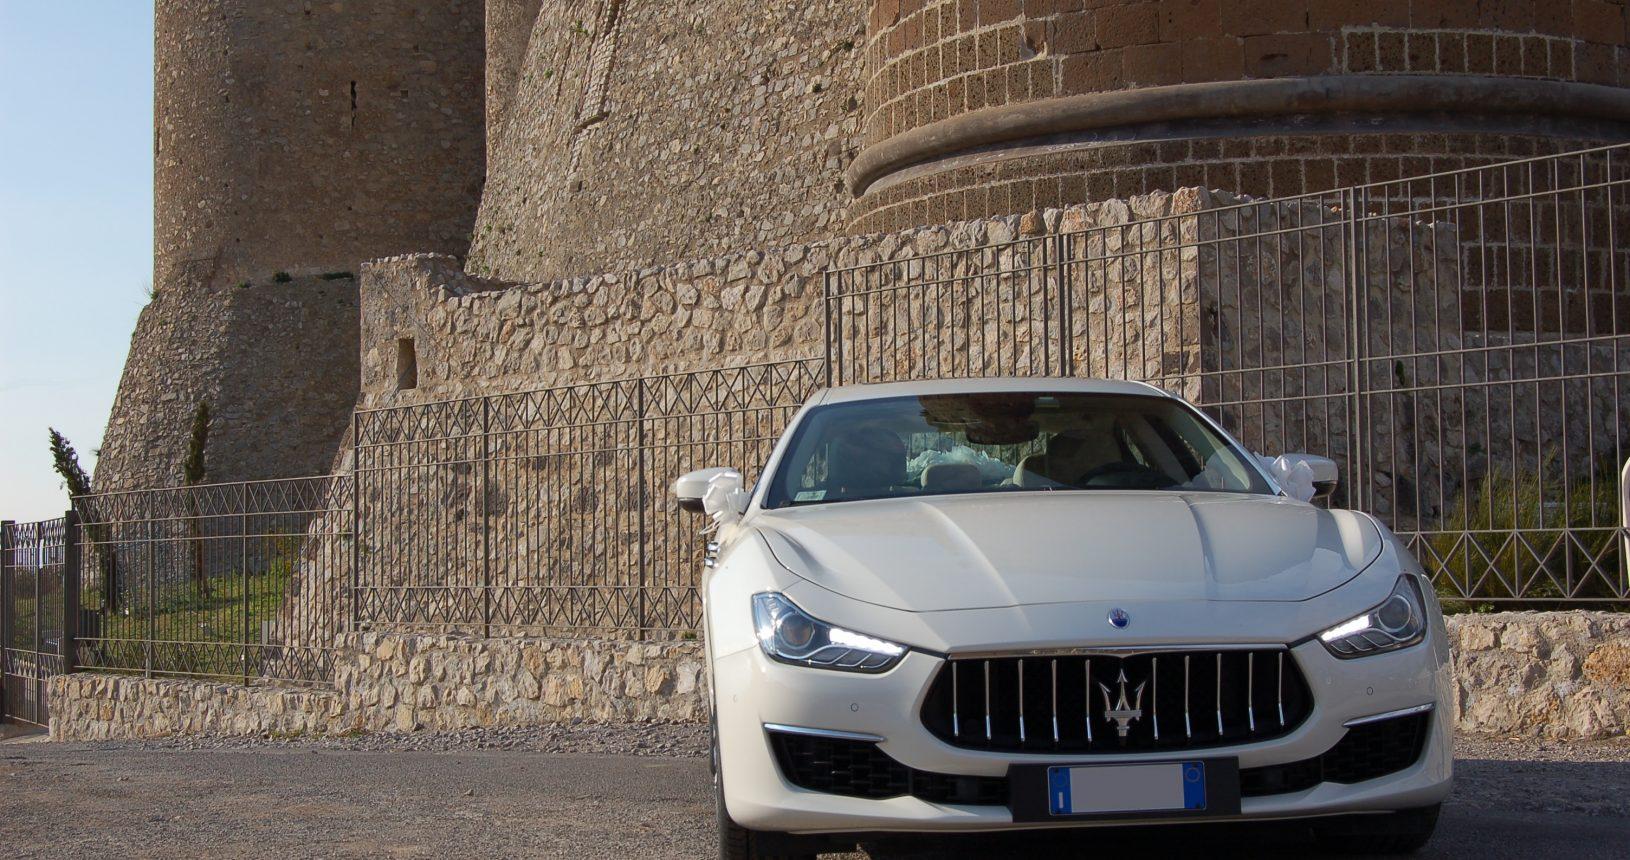 noleggio auto matrimonio Napoli | Maserati Gran lusso bianca | auto sposi Napoli